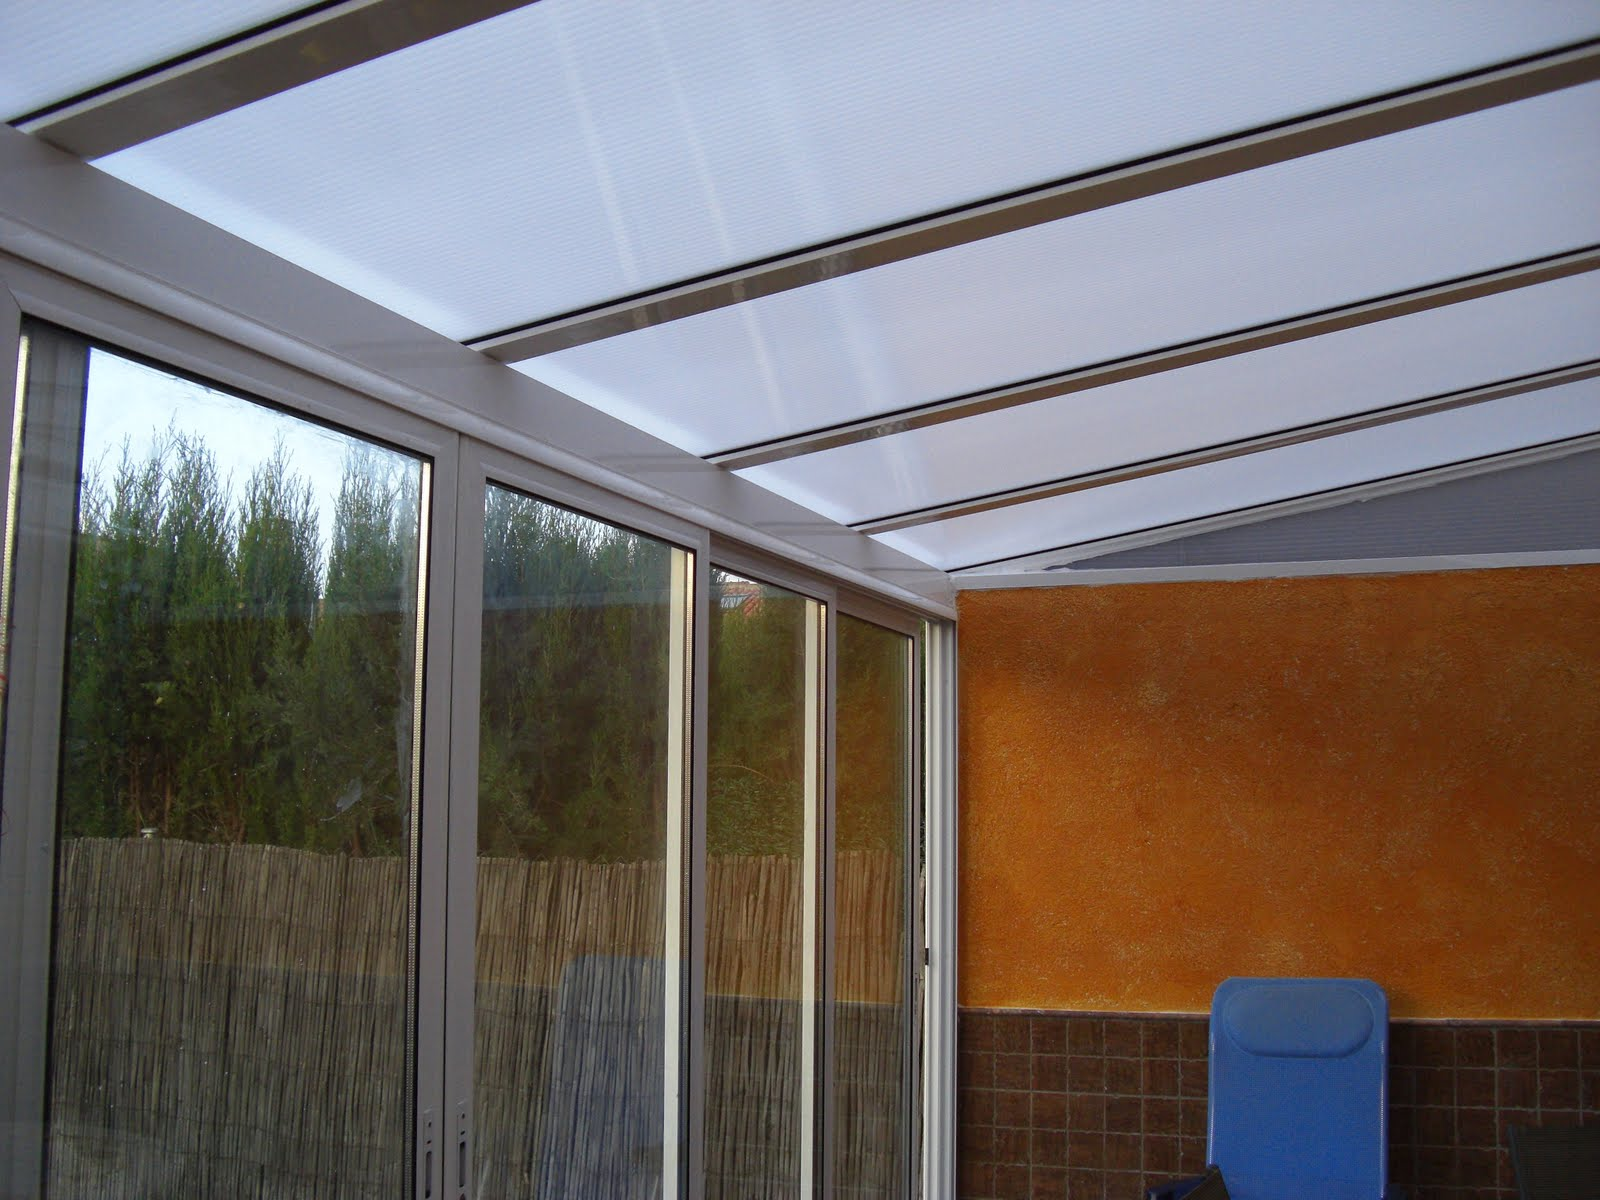 Aluminio y pvc en aranjuez y alrededores alumifrank - Cristales para techos ...